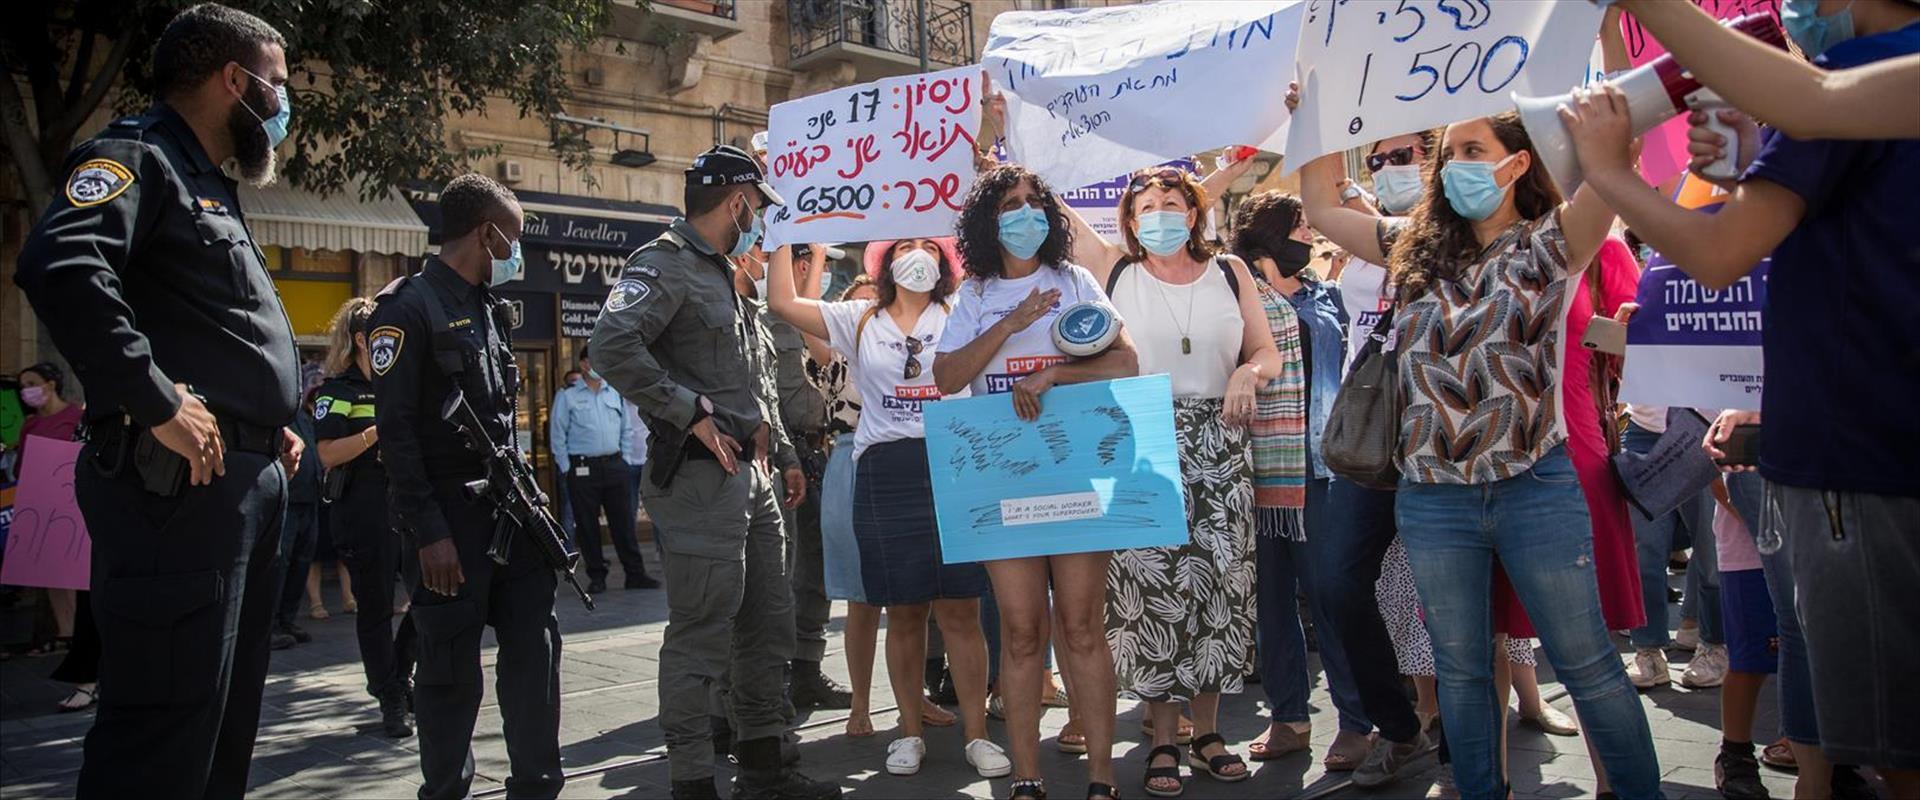 ההפגנת עובדות סוציאליות בירושלים, בשבוע שעבר